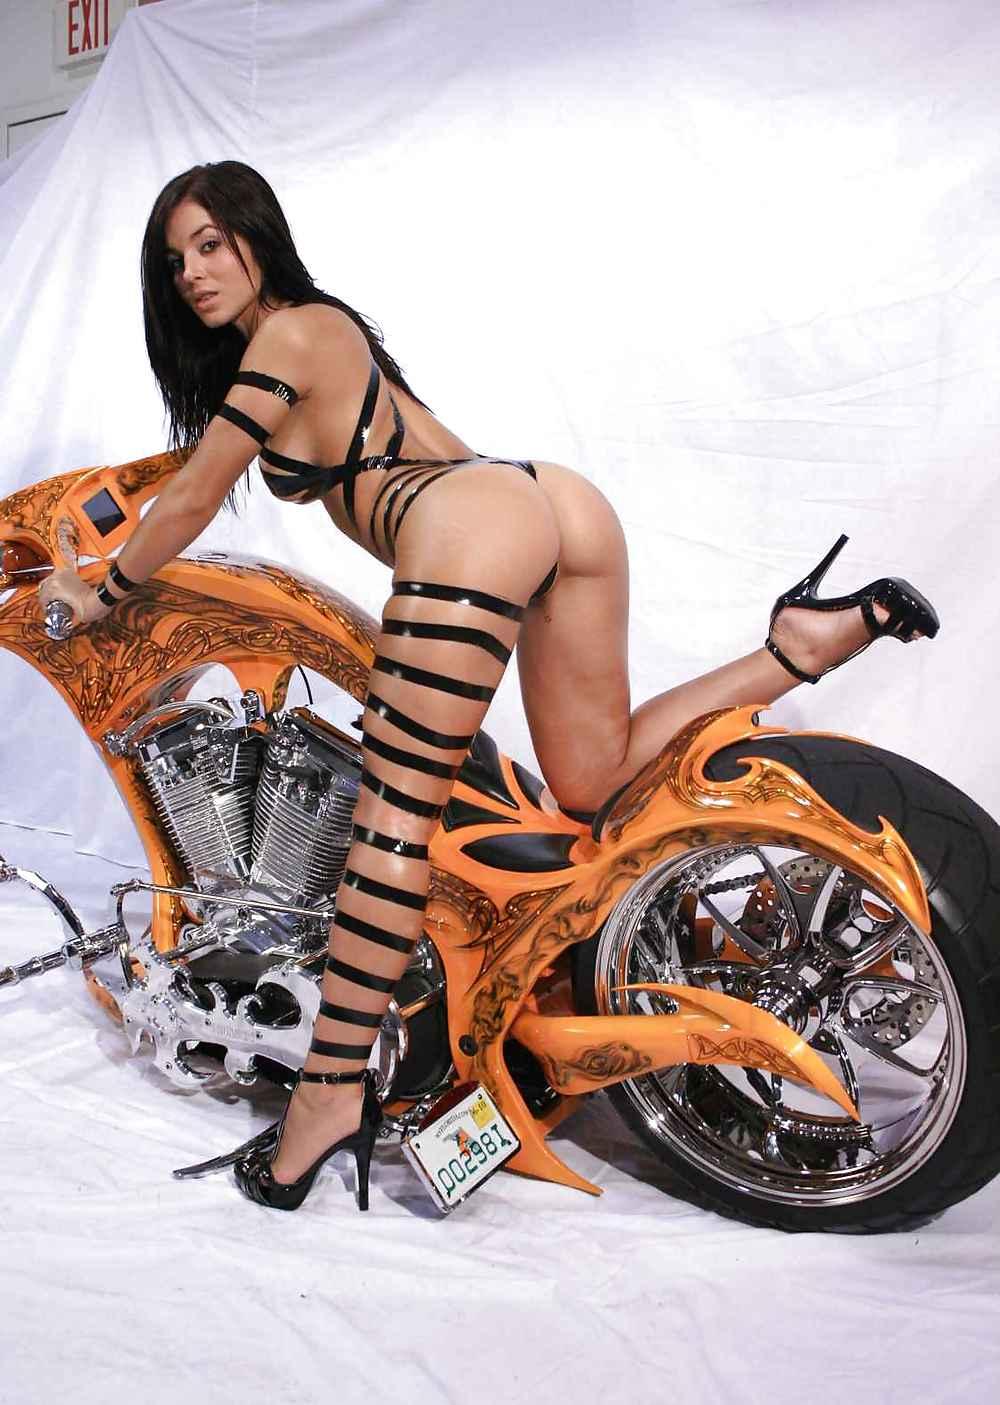 Little girl dirt bike-1305